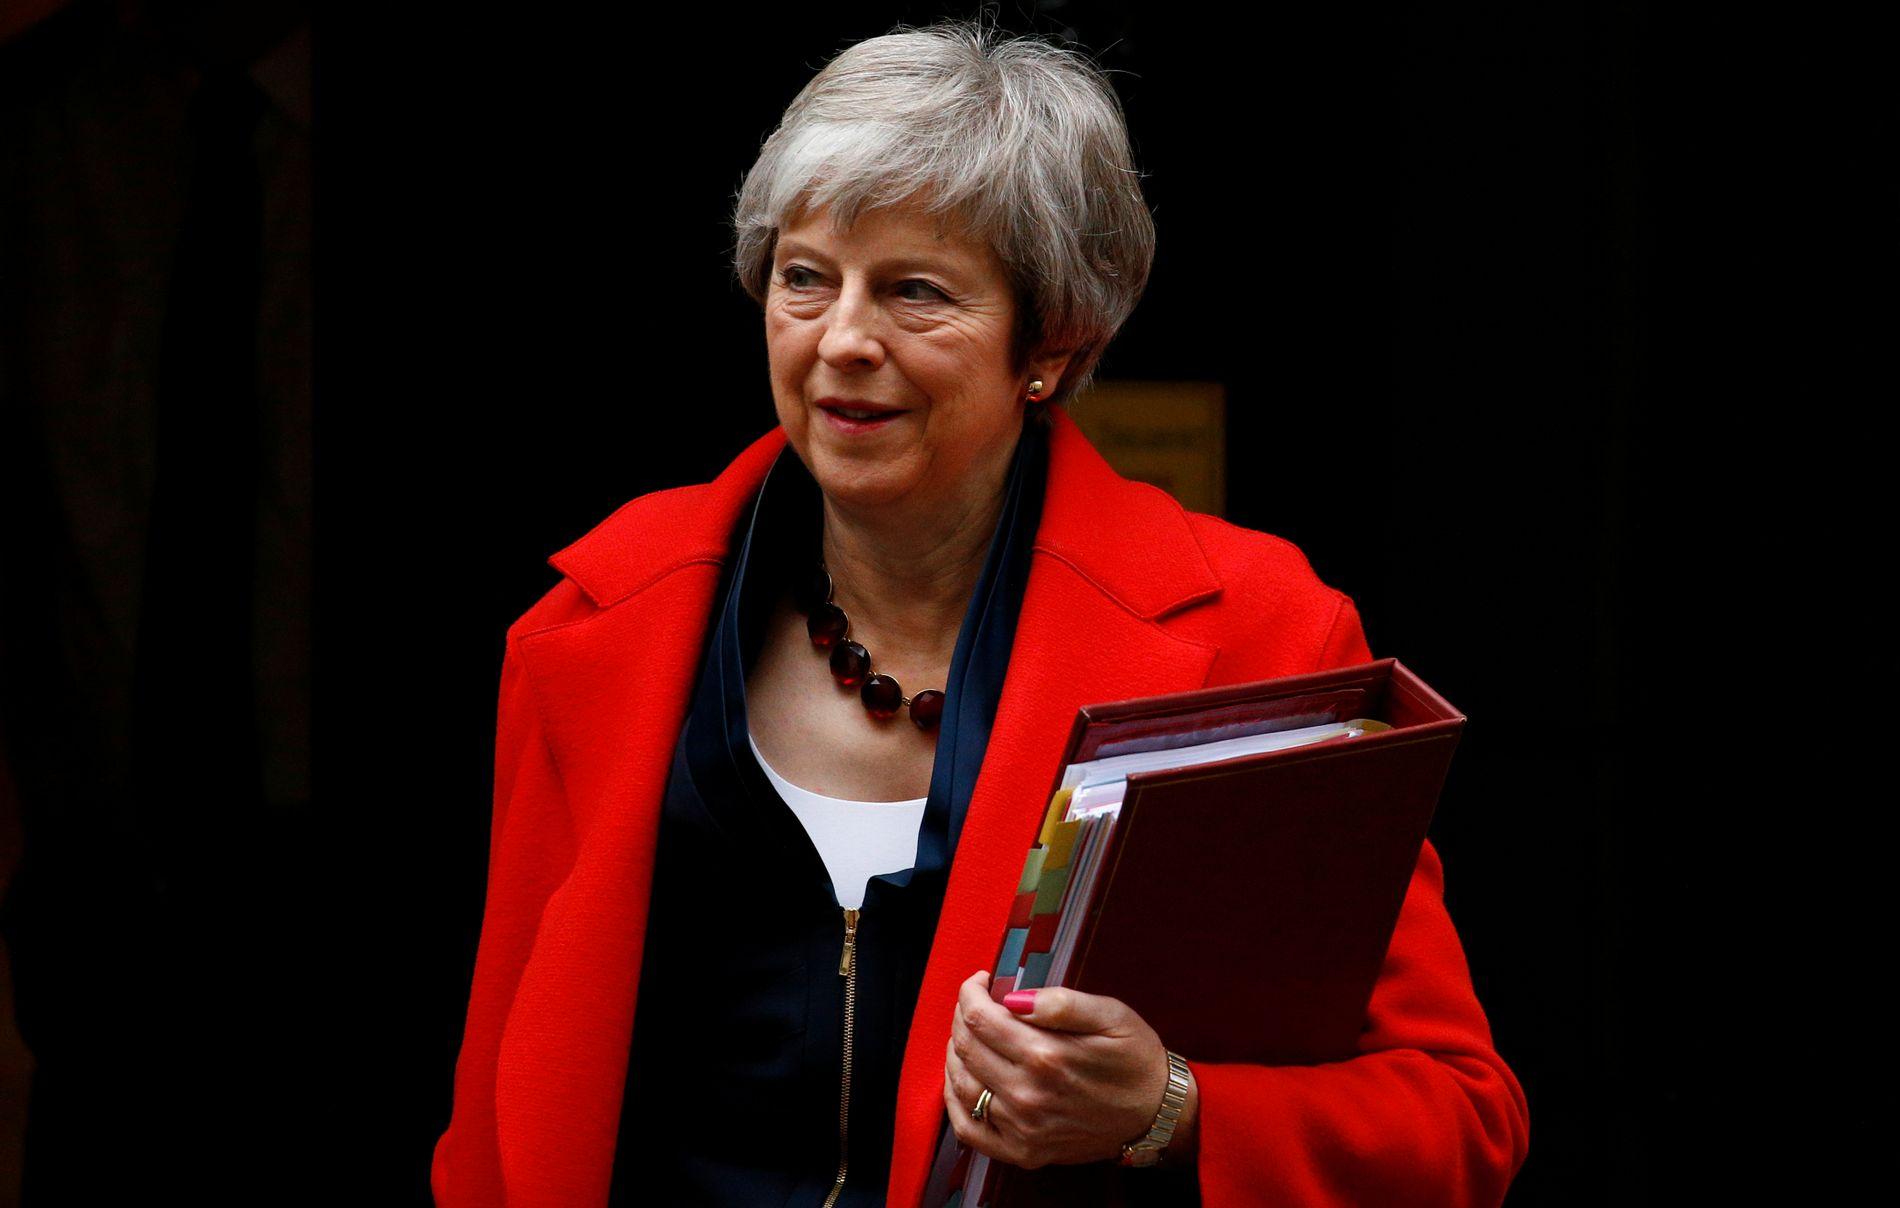 CUNNING PLAN: Få sier de vil stemme for statsminister Theresa Mays Brexit-avtale. Men betyr det nødvendigvis at de vil stemme mot?